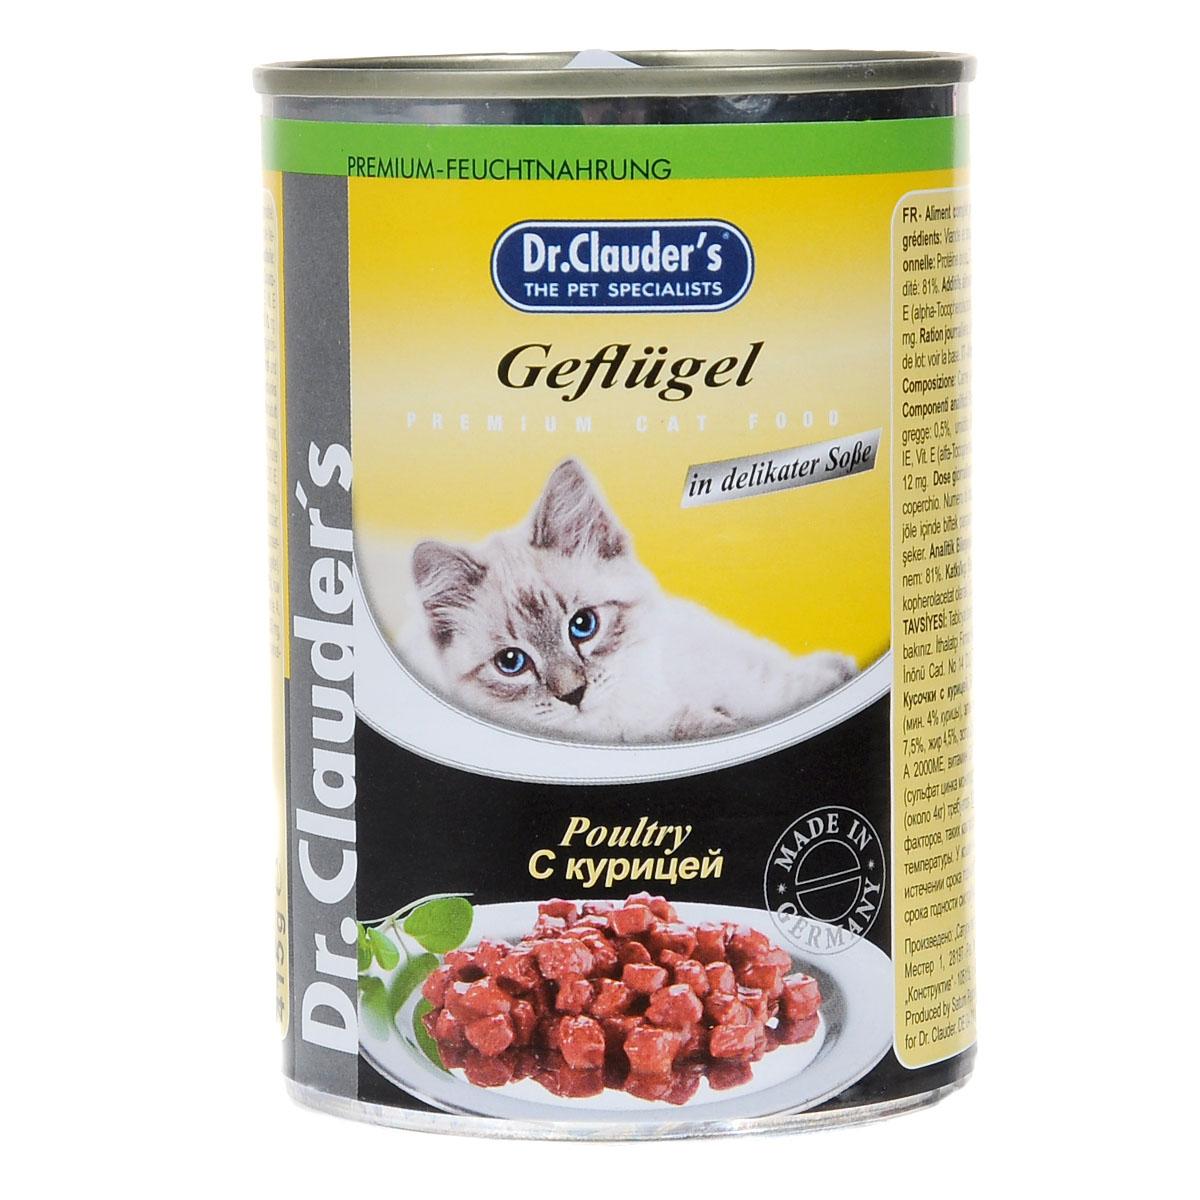 Консервы для кошек Dr. Clauders, с курицей, 415 г21199Полнорационное питание домашних питомцев - основная головная боль их владельцев. Каждый владелец кошки старается подобрать для своей питомицы сбалансированный и подходящий именно ей рацион. Одни меняют корма несколько раз. Консервы для кошек Dr. Clauders обладают отличными вкусовыми качествами. В этом корме есть все, в чем ваша любимица нуждается каждый день - витамины, макро- и микроэлементы, биологически активные вещества. Прекрасный аппетит во время еды и сытое урчание после гарантировано. Шелковистая блестящая шерсть, хорошее настроение, физическая активность и отменное здоровье - таким будет результат вашей заботы и правильно отношения к питанию кошки. Состав: мясо и мясные продукты (мин. 4% курицы), злаки, минералы, сахар. Питательные вещества: протеин 7,5%, жир 4,5%, зола 2,5%, клетчатка 0,5%, влажность 81%.Пищевые добавки: витамин А 2000МЕ, витамин D3 200МЕ, витамин Е 20 мг, таурин 350 мг, цинк 12 мг.Товар сертифицирован.